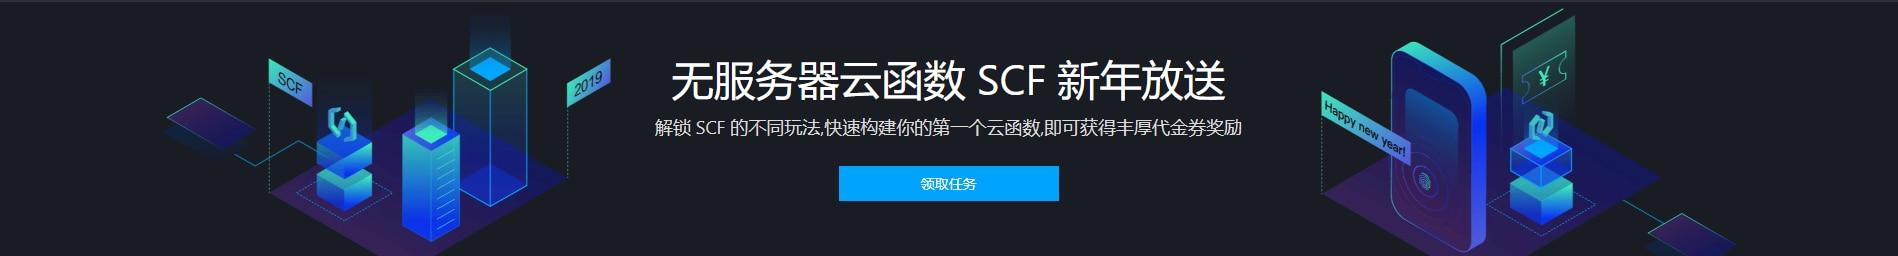 """腾讯云活动 """"无服务器云函数 SCF 新年放送"""" 领400元优惠券"""